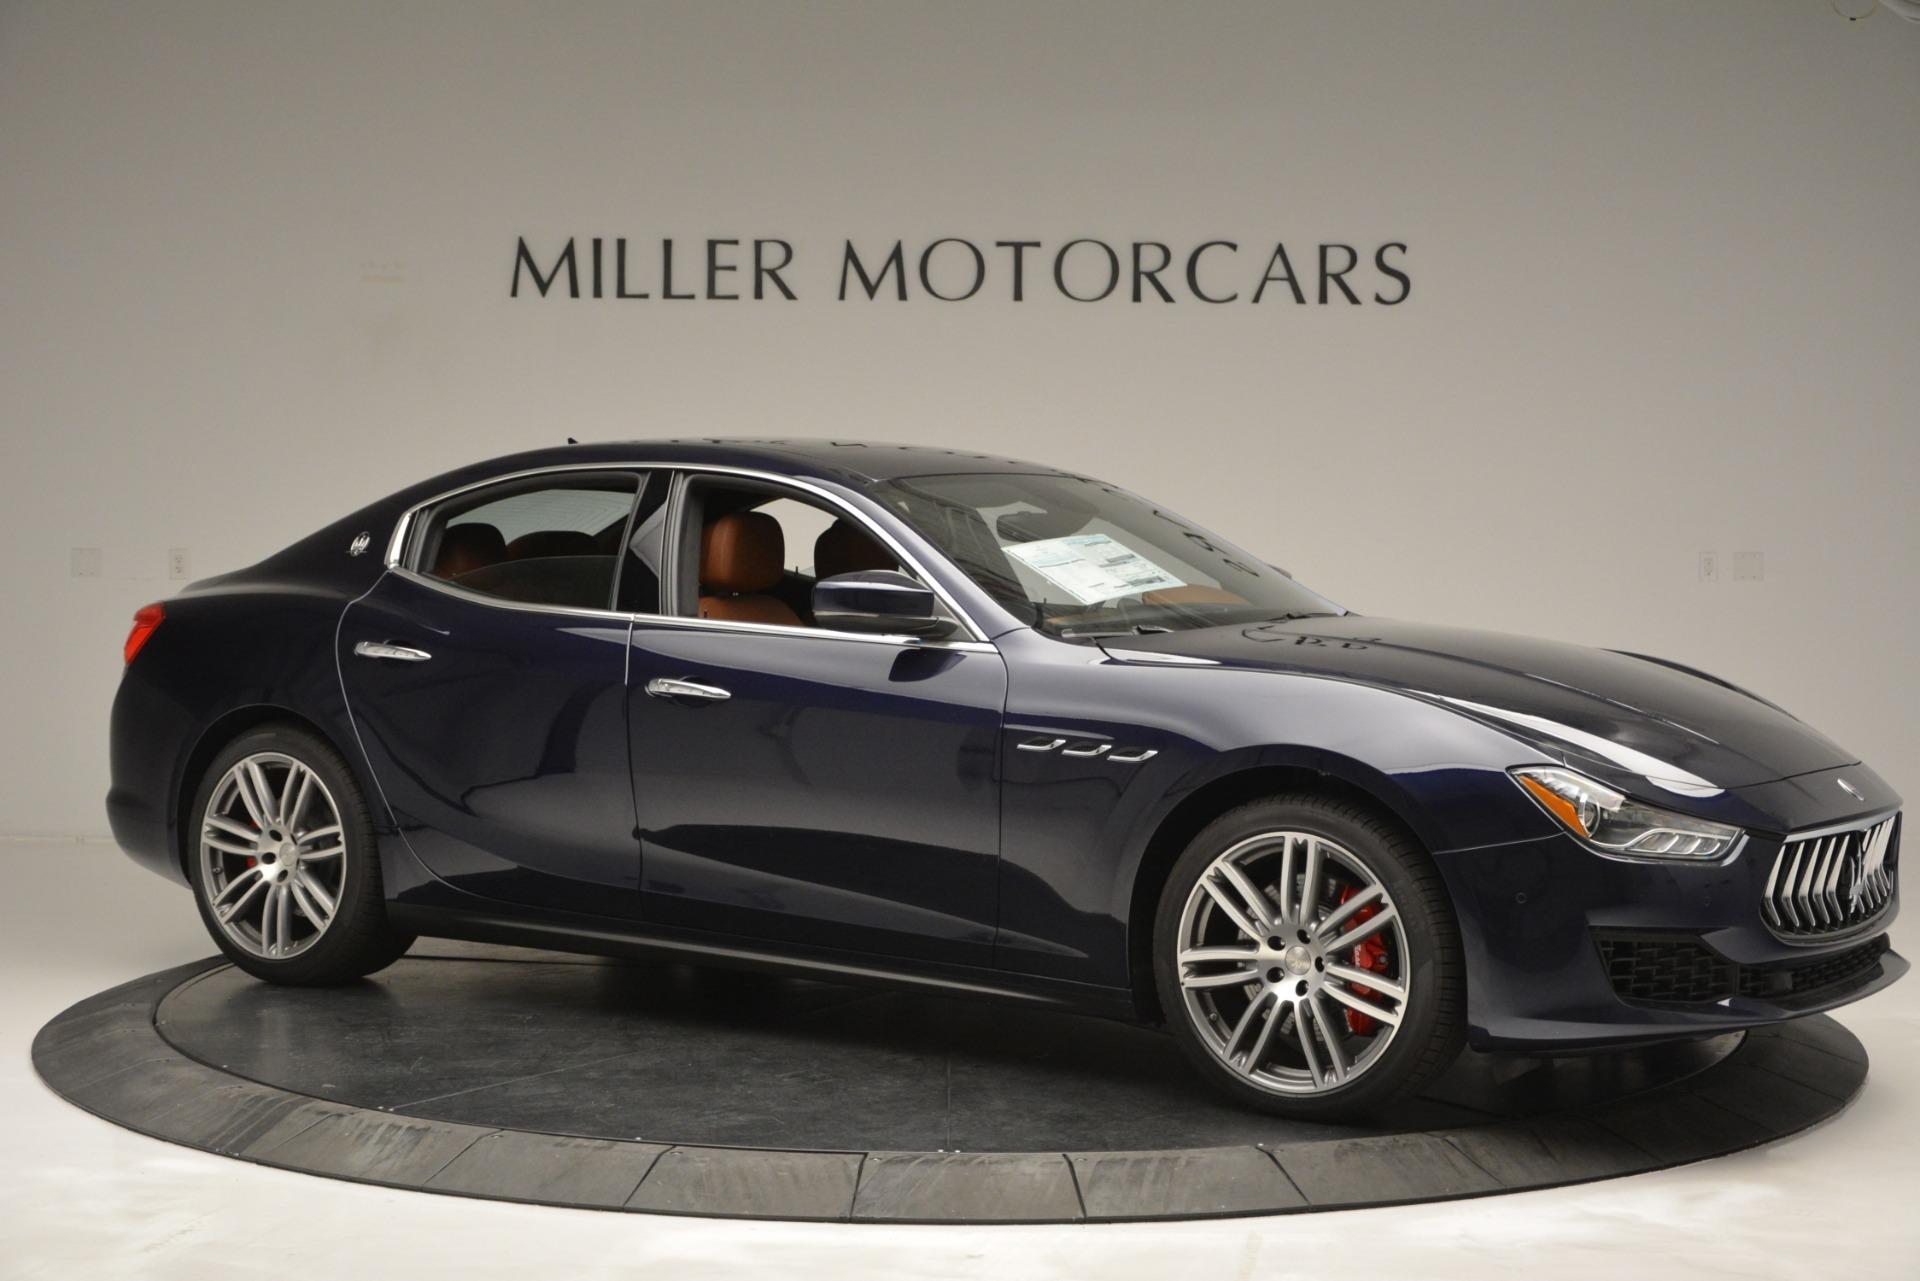 New 2019 Maserati Ghibli S Q4 For Sale In Greenwich, CT. Alfa Romeo of Greenwich, M2203 2737_p10